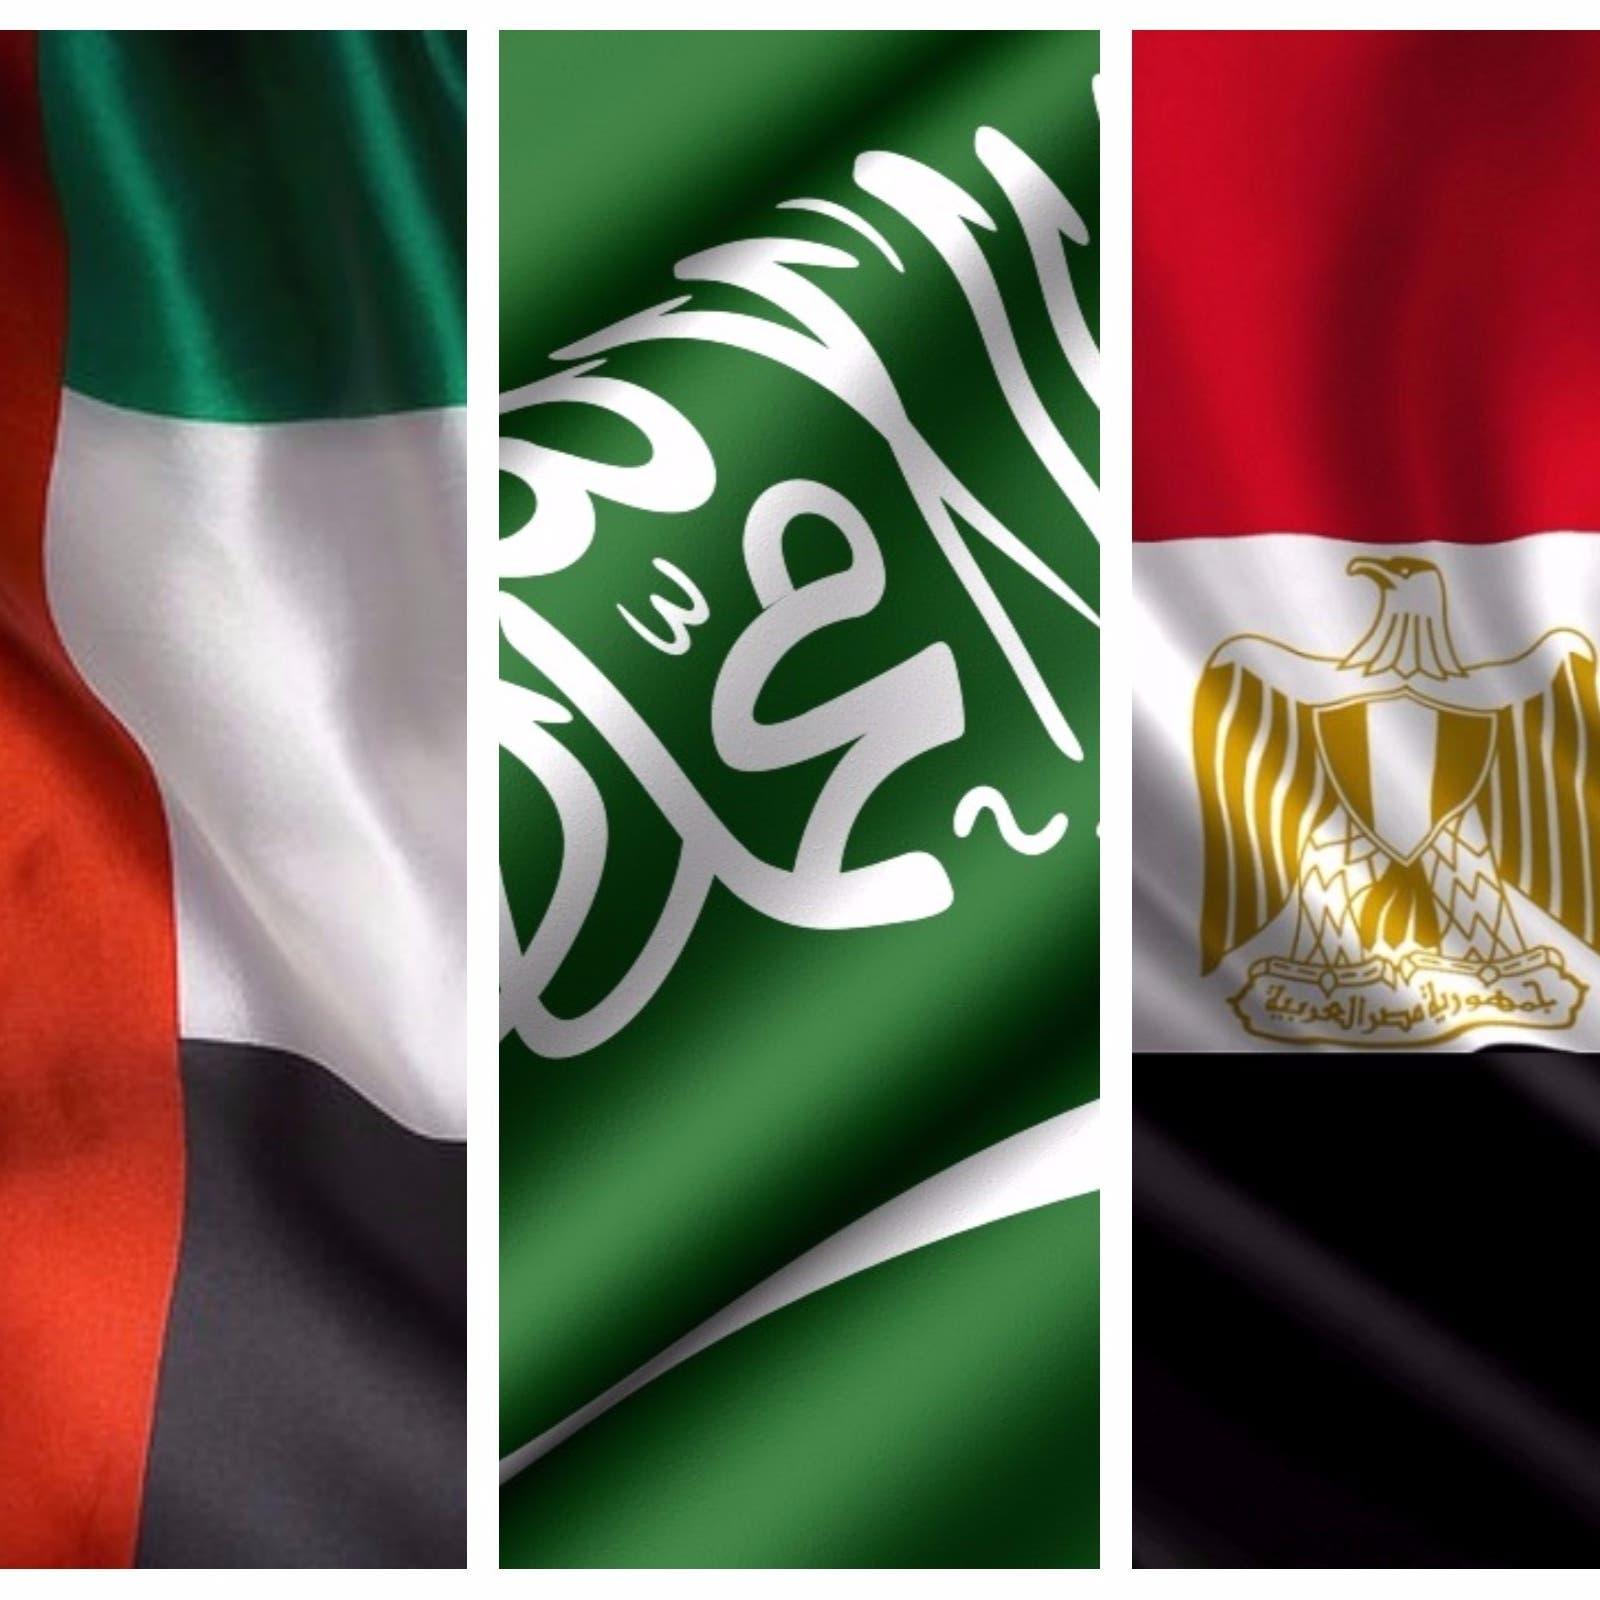 تباين أداء القطاع الخاص في أكبر 3 اقتصادات عربية بداية العام